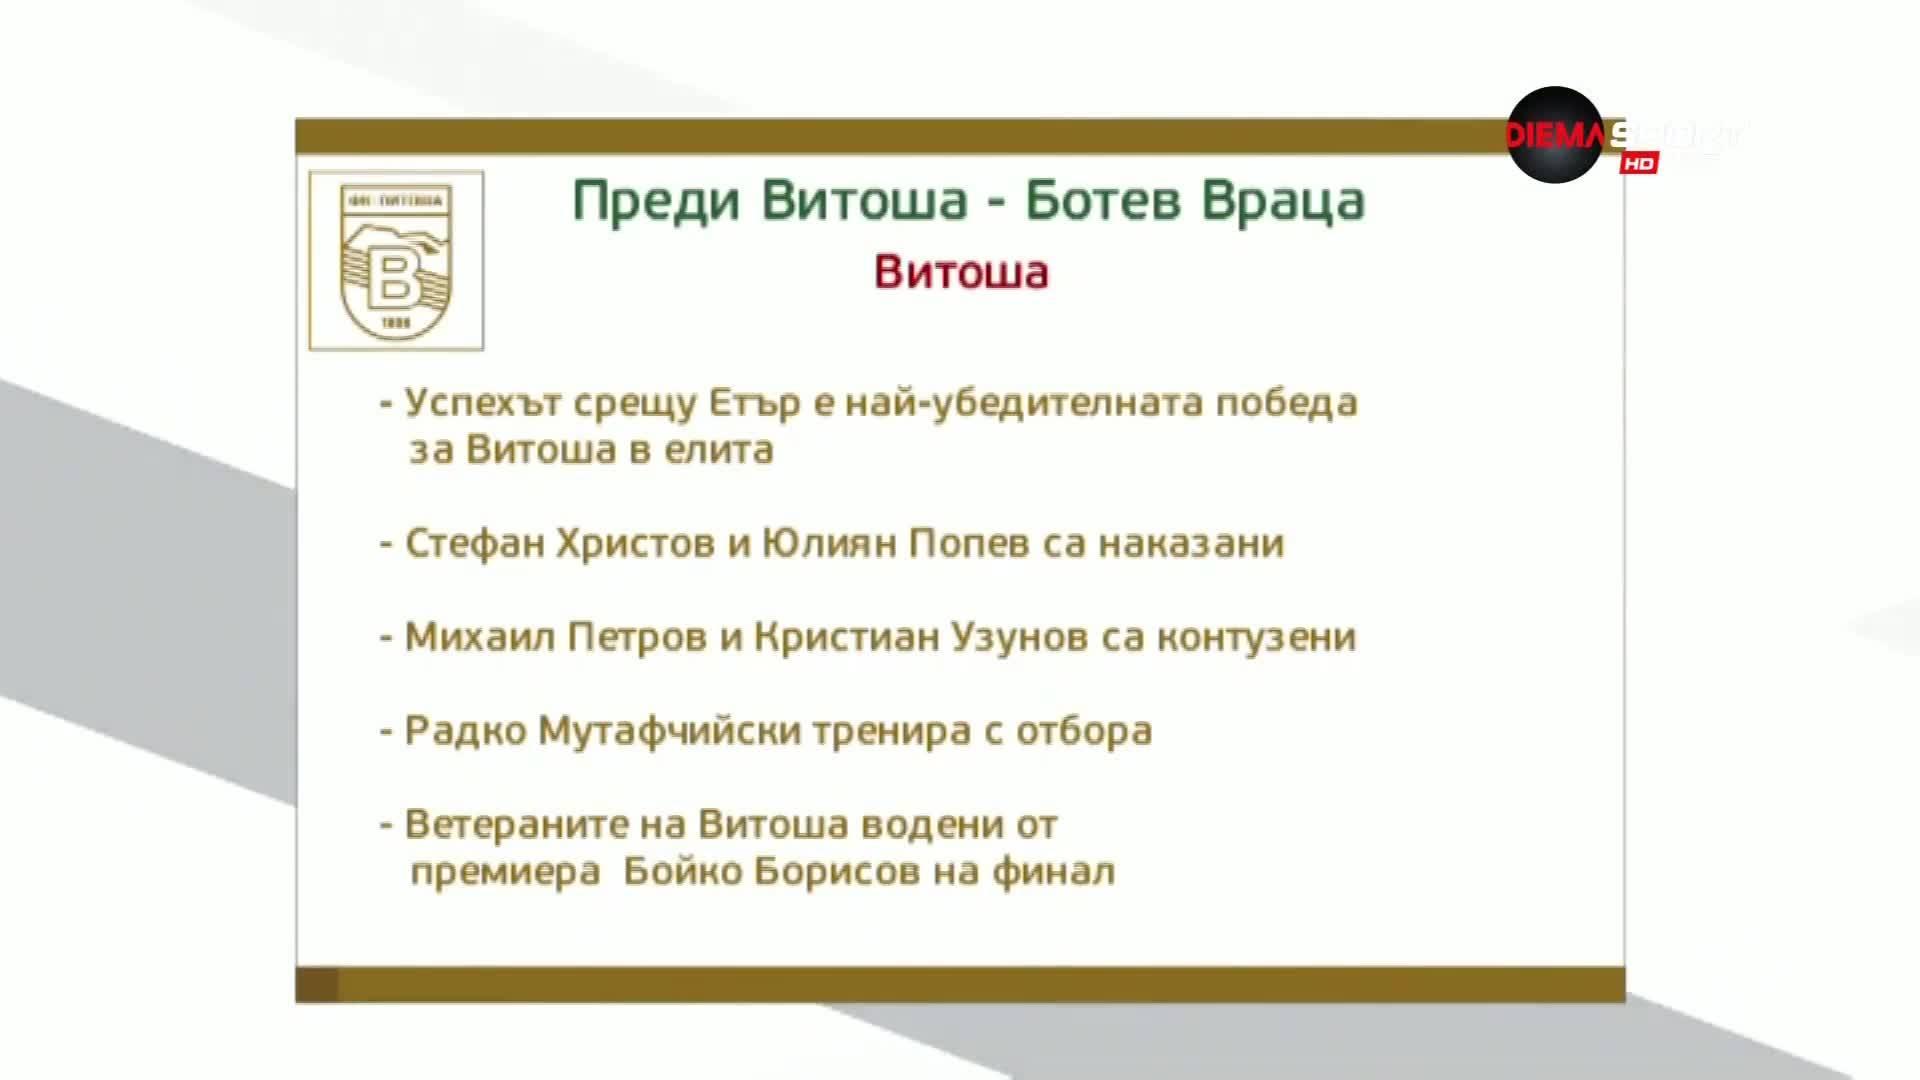 Преди Витоша - Ботев Враца